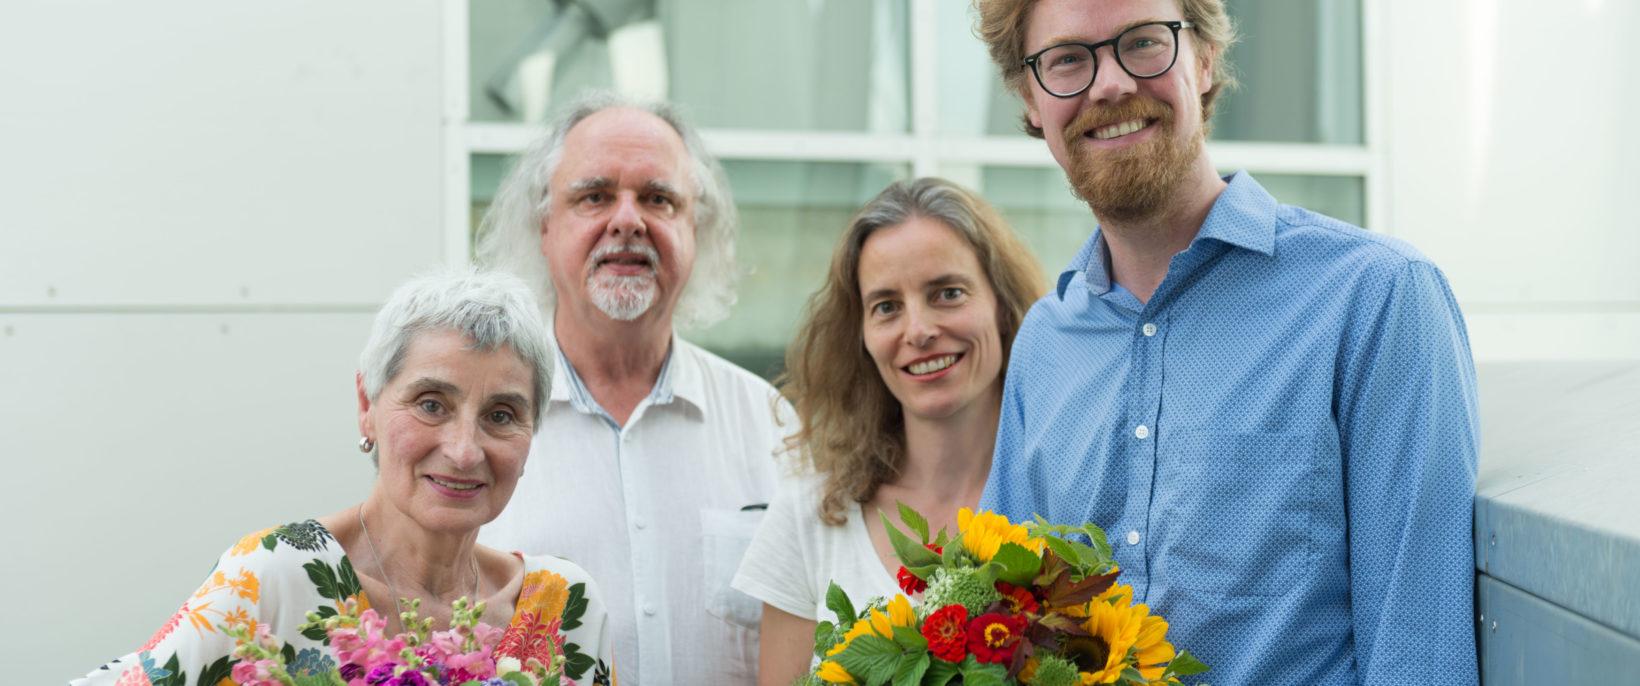 Monika Renner (ehem. Vorsitzende), Prof. Dieter Rehm (Präsident der Akademie), Dr. Patricia Drück (stellv. Vorsitzende) und Rasmus Kleine (Vorsitzender